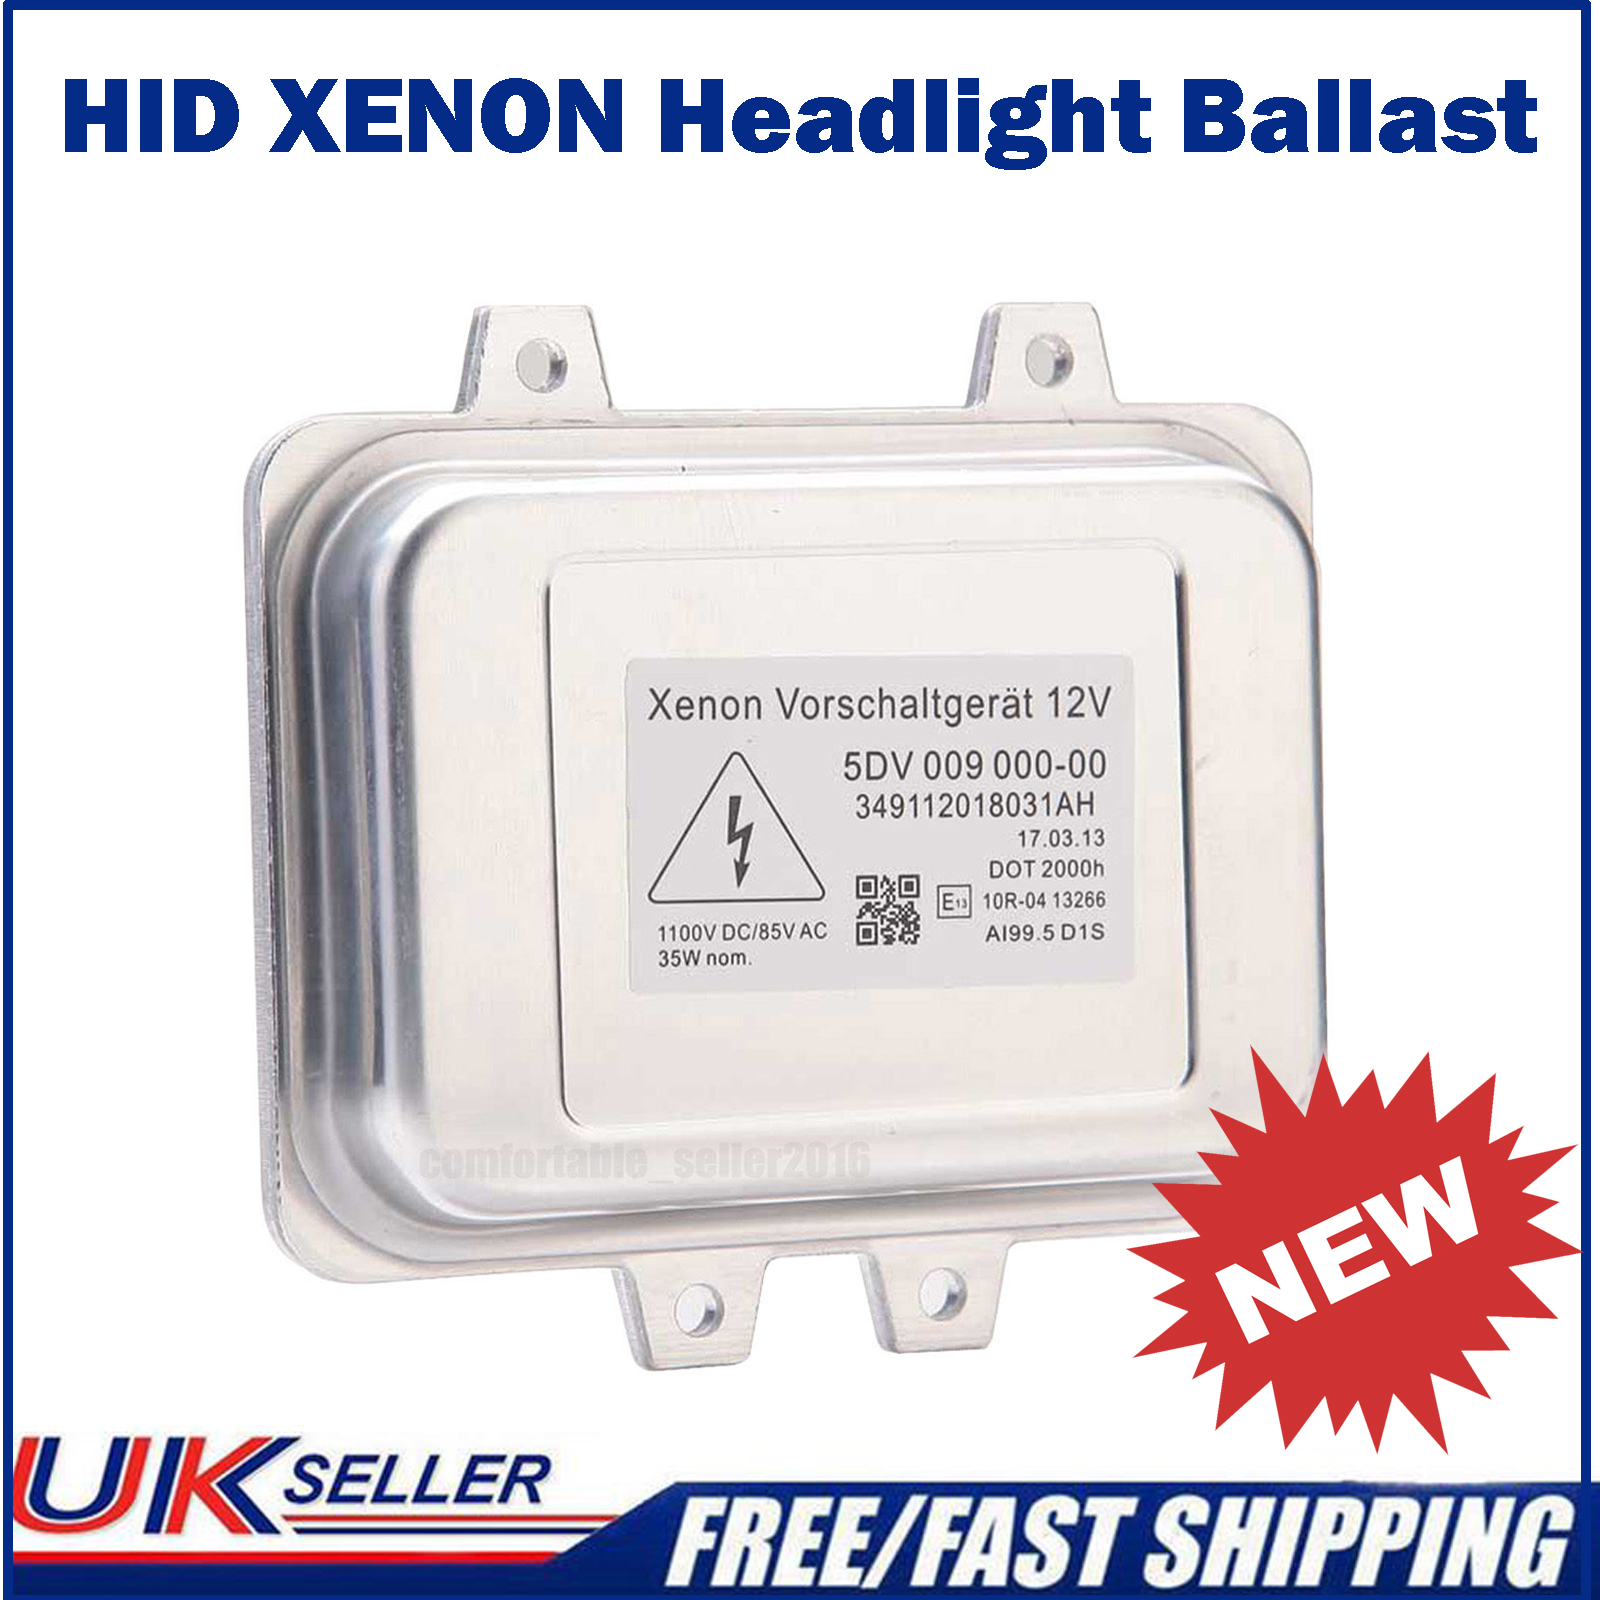 Xenon 5DV 009 000-00 Vorschaltgerät Steuergerät Ballast D1S D1R NEU 12V 35W.NEU